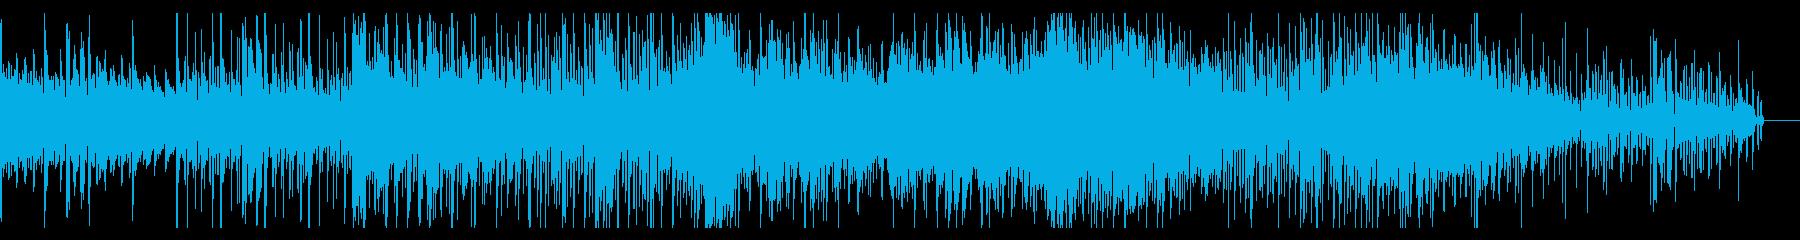 デジタルでホラーなシネマティックBGMの再生済みの波形